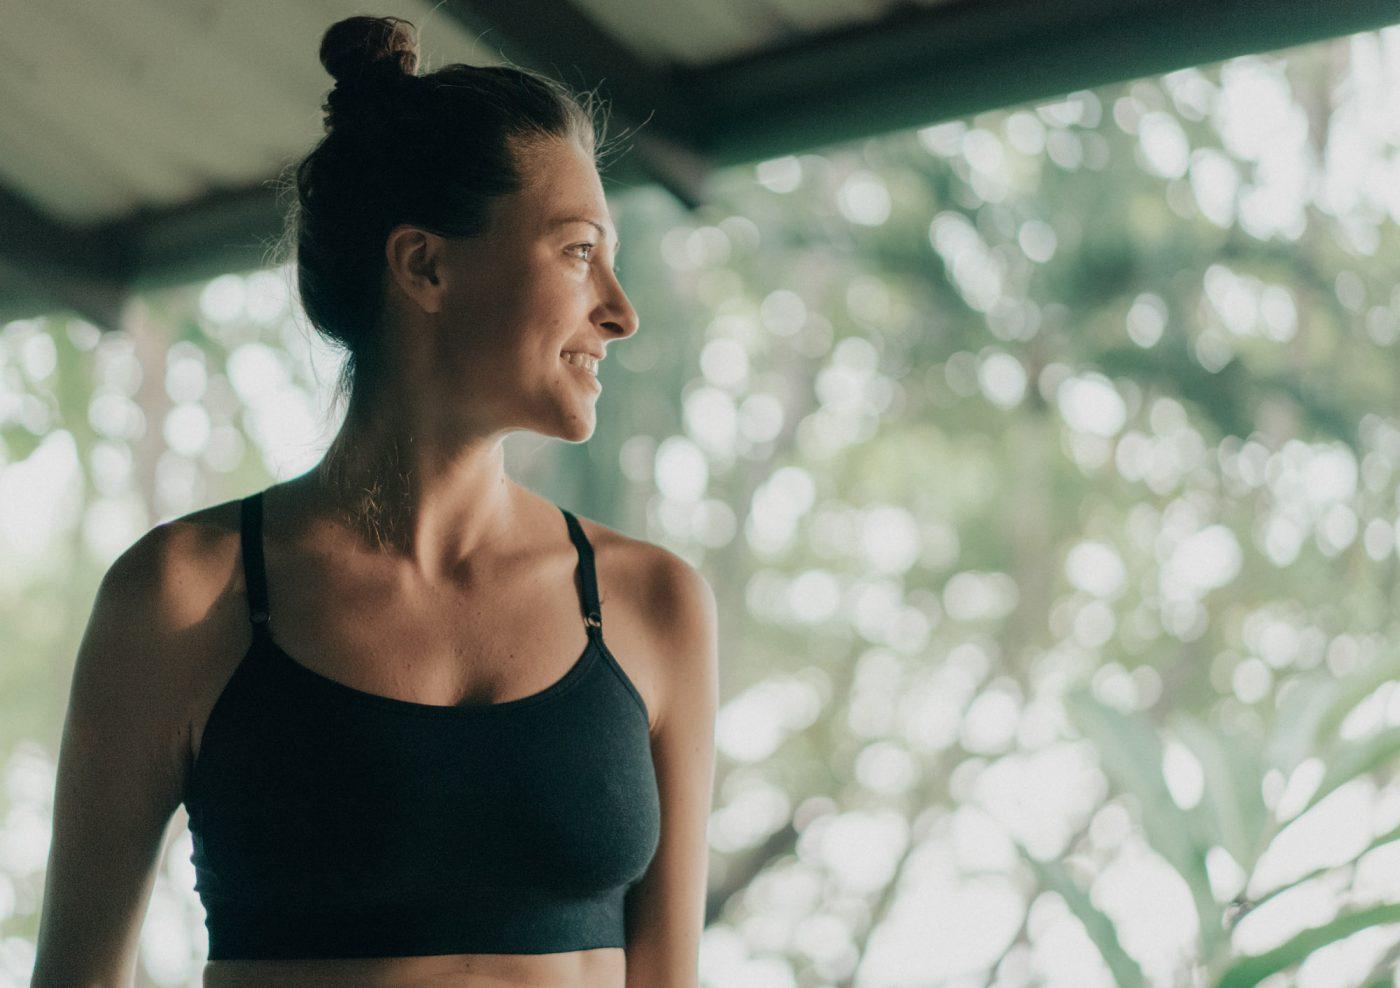 Oksana wearing Organic Basics SilverTech sports bra